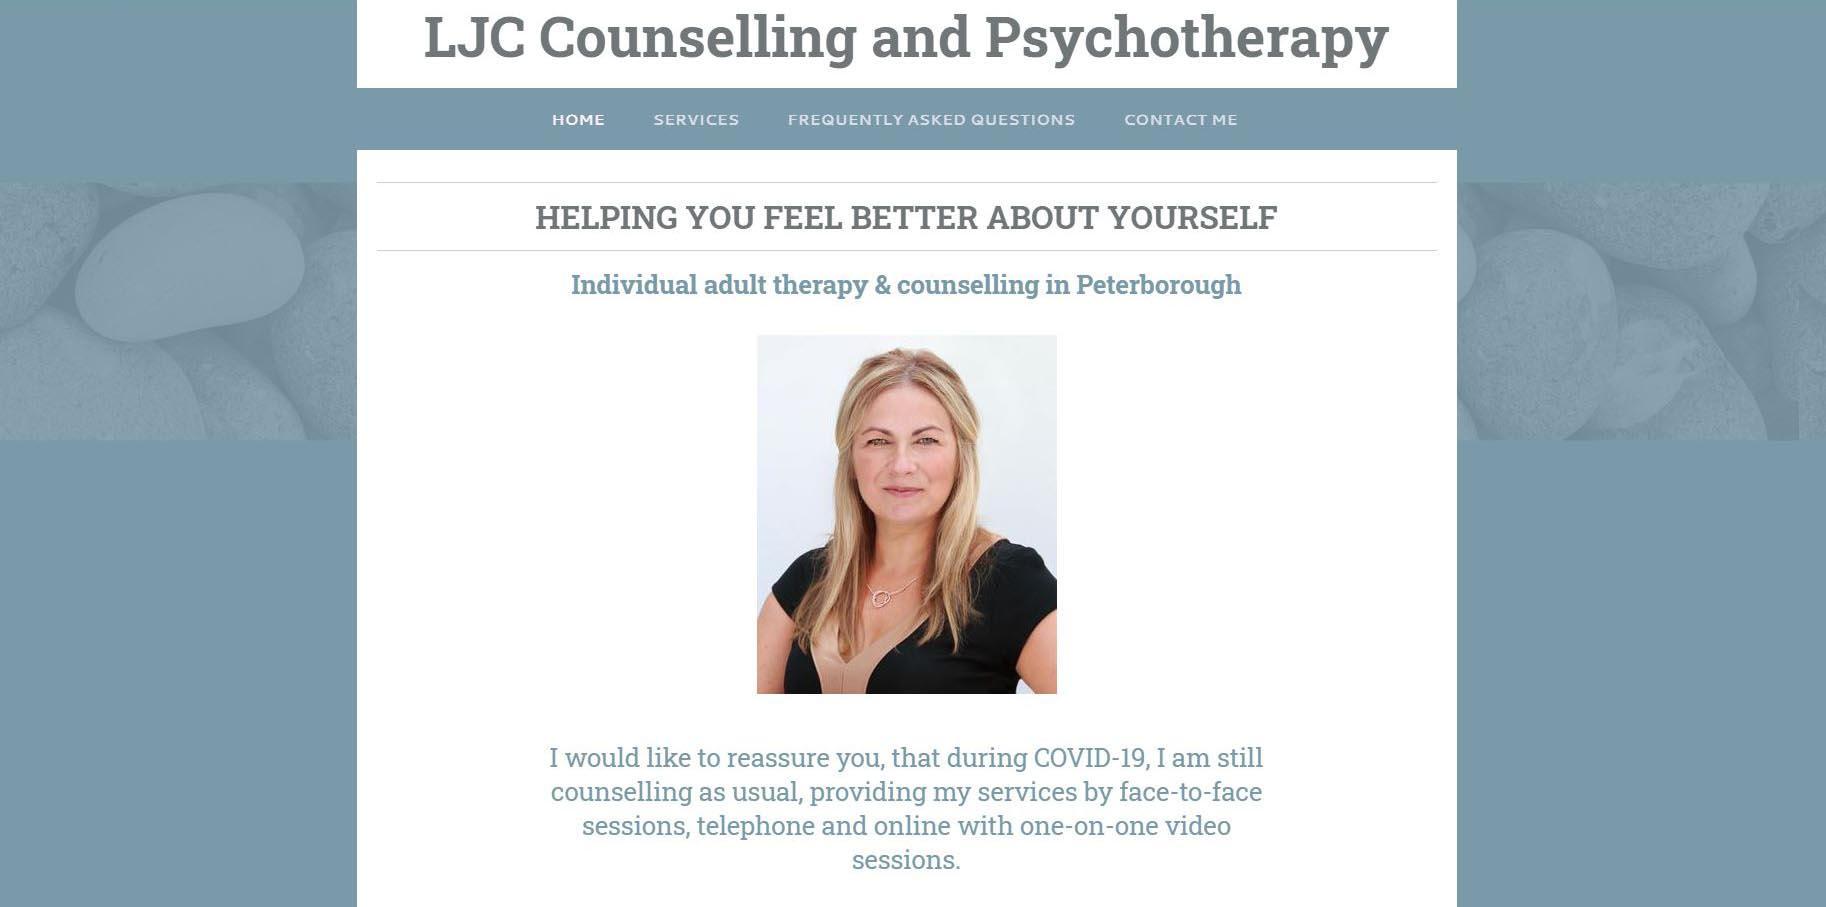 LJC Counselling